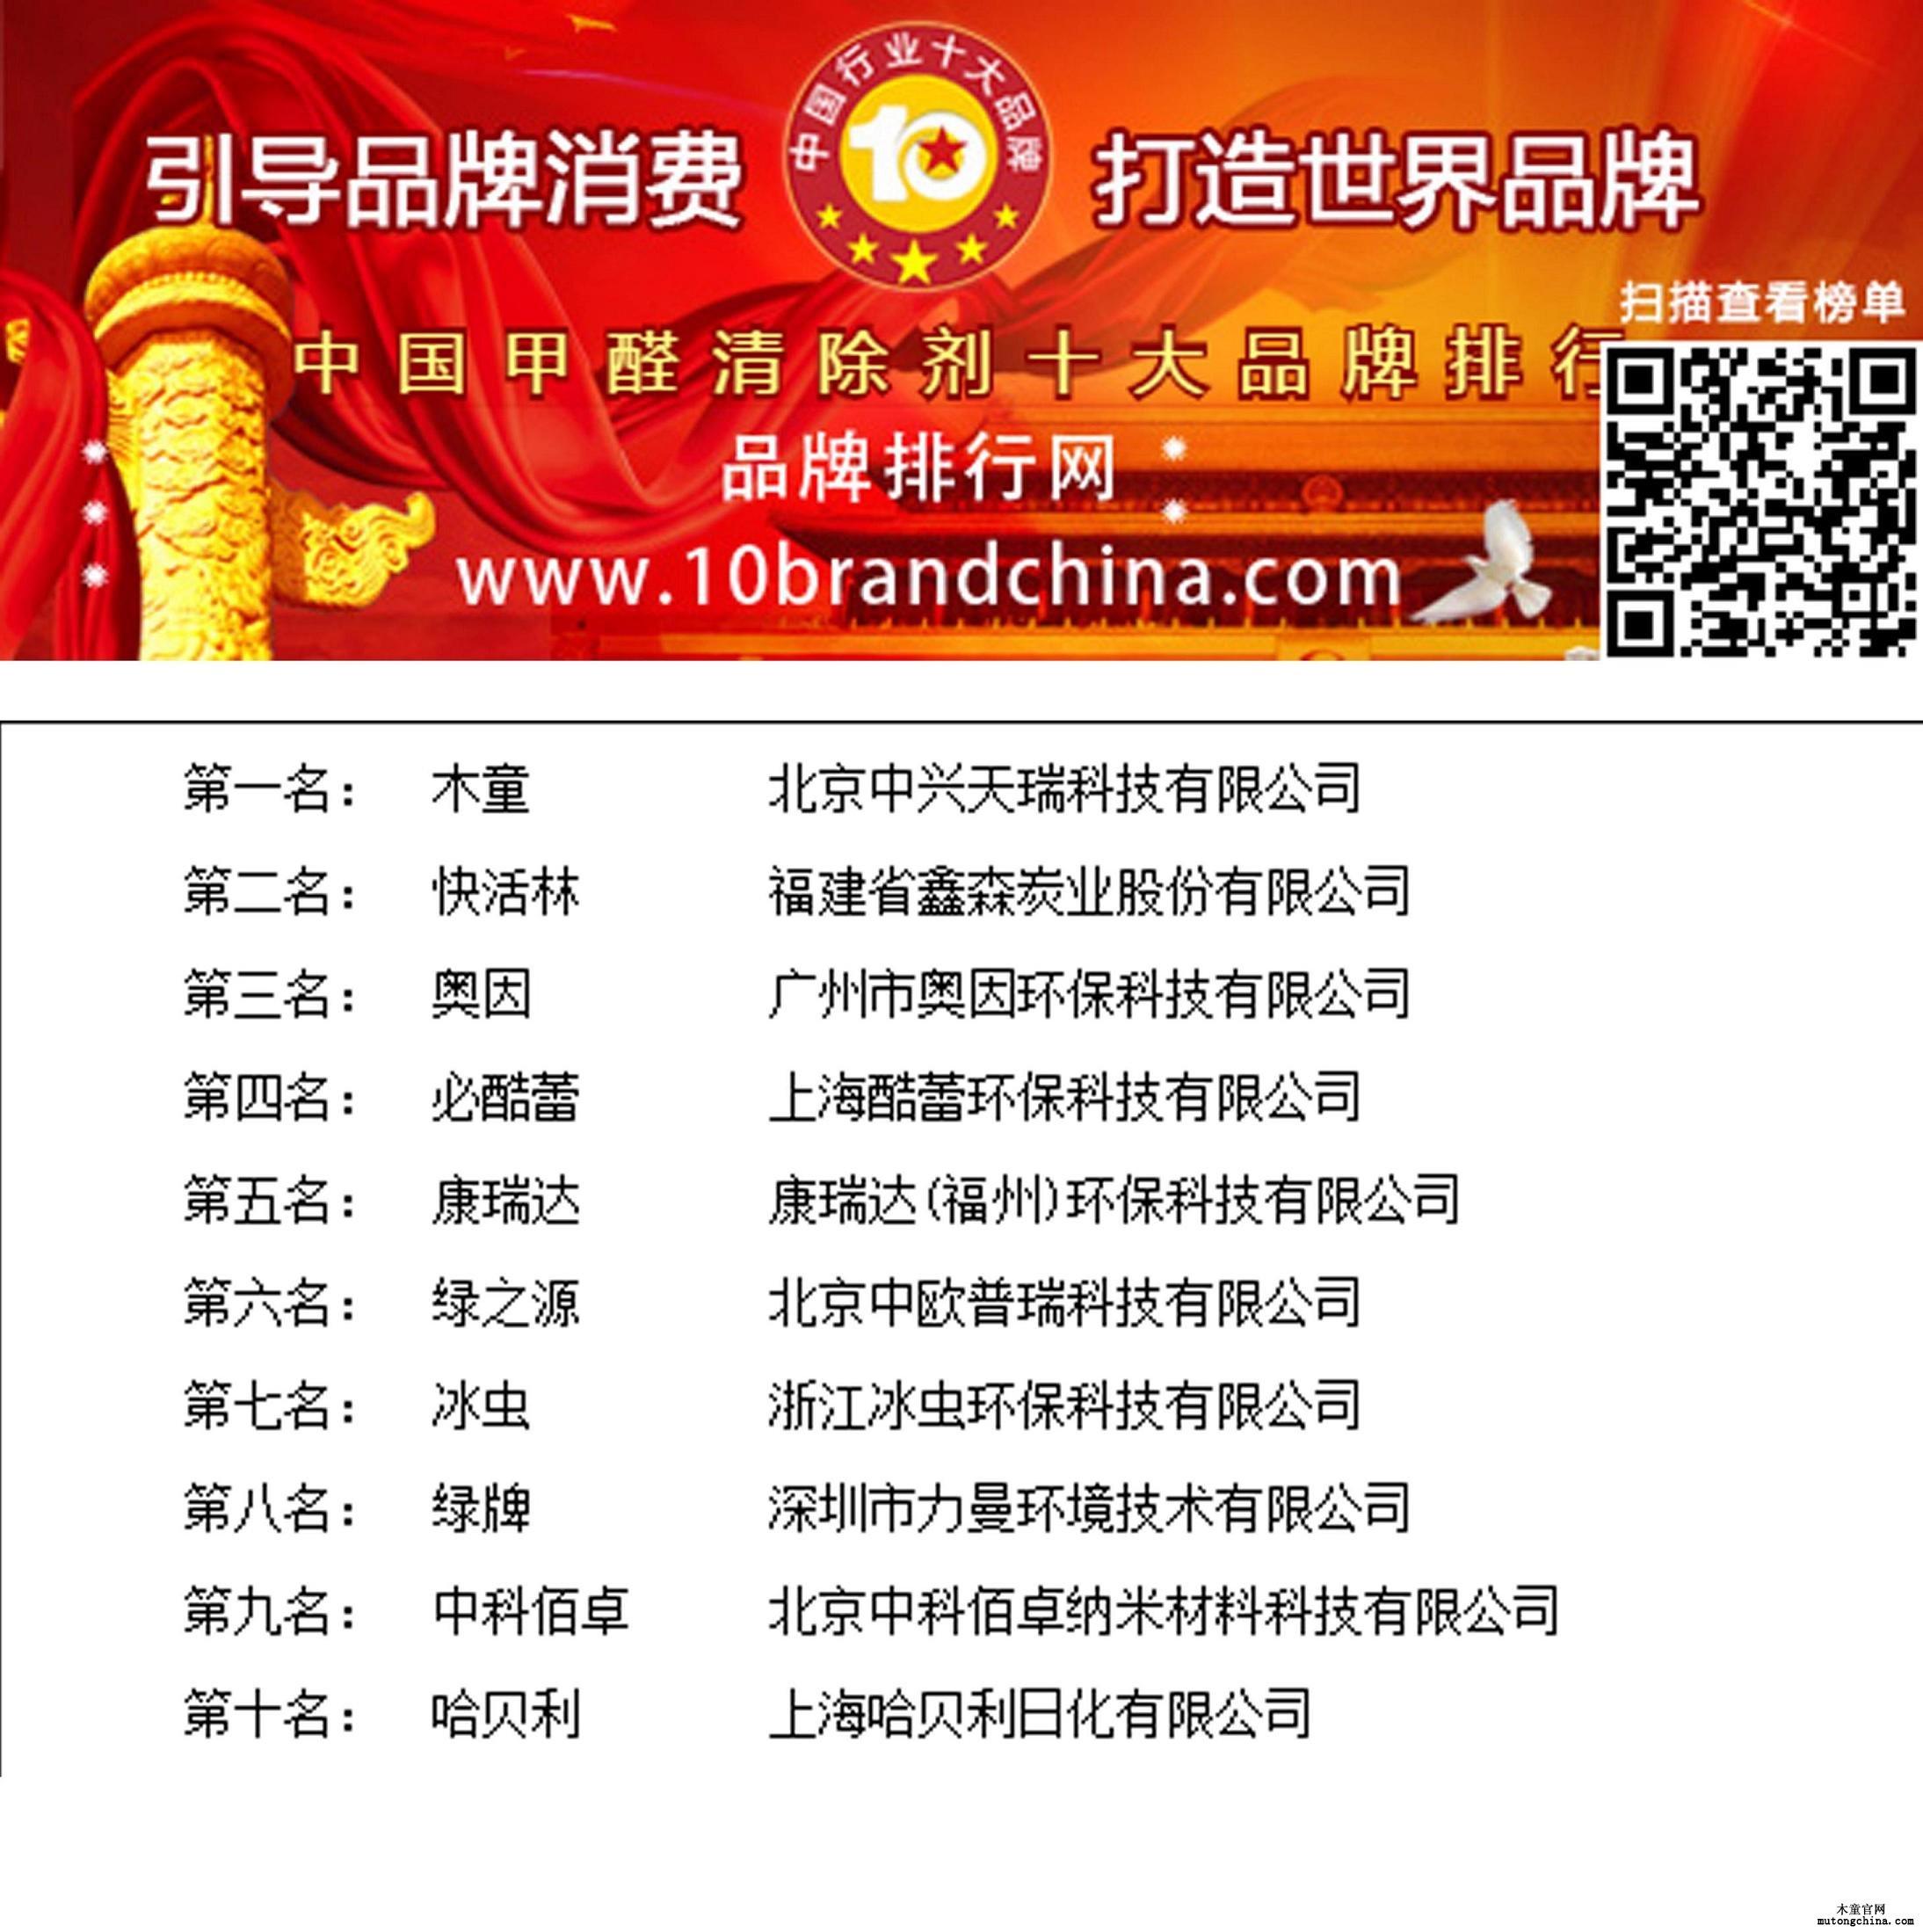 2017年度中国甲醛清除剂十大品牌总评榜